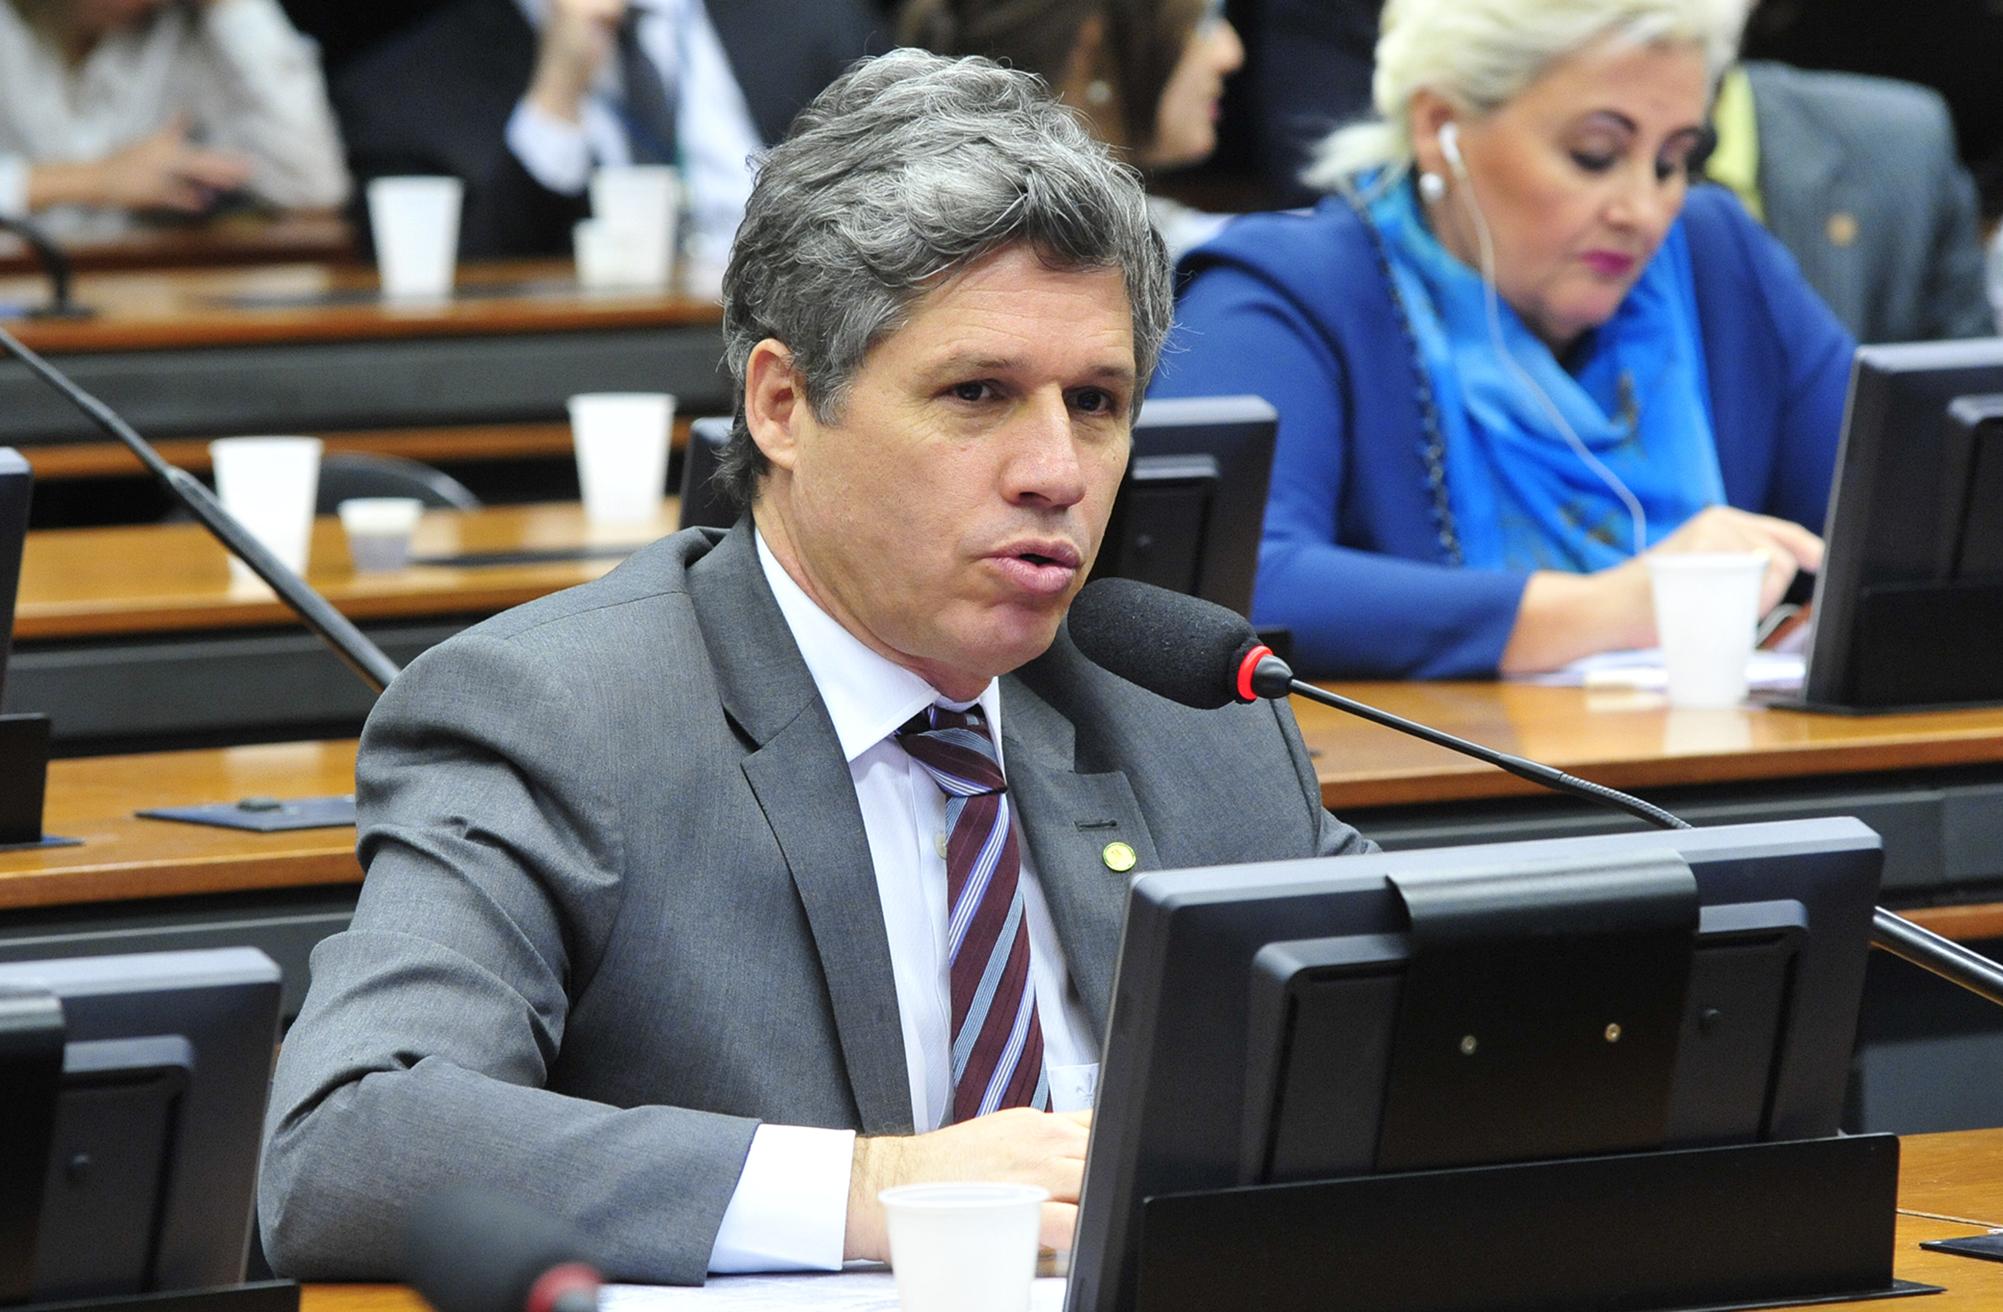 Audiência Pública. Dep. Paulo Teixeira (PT-SP)